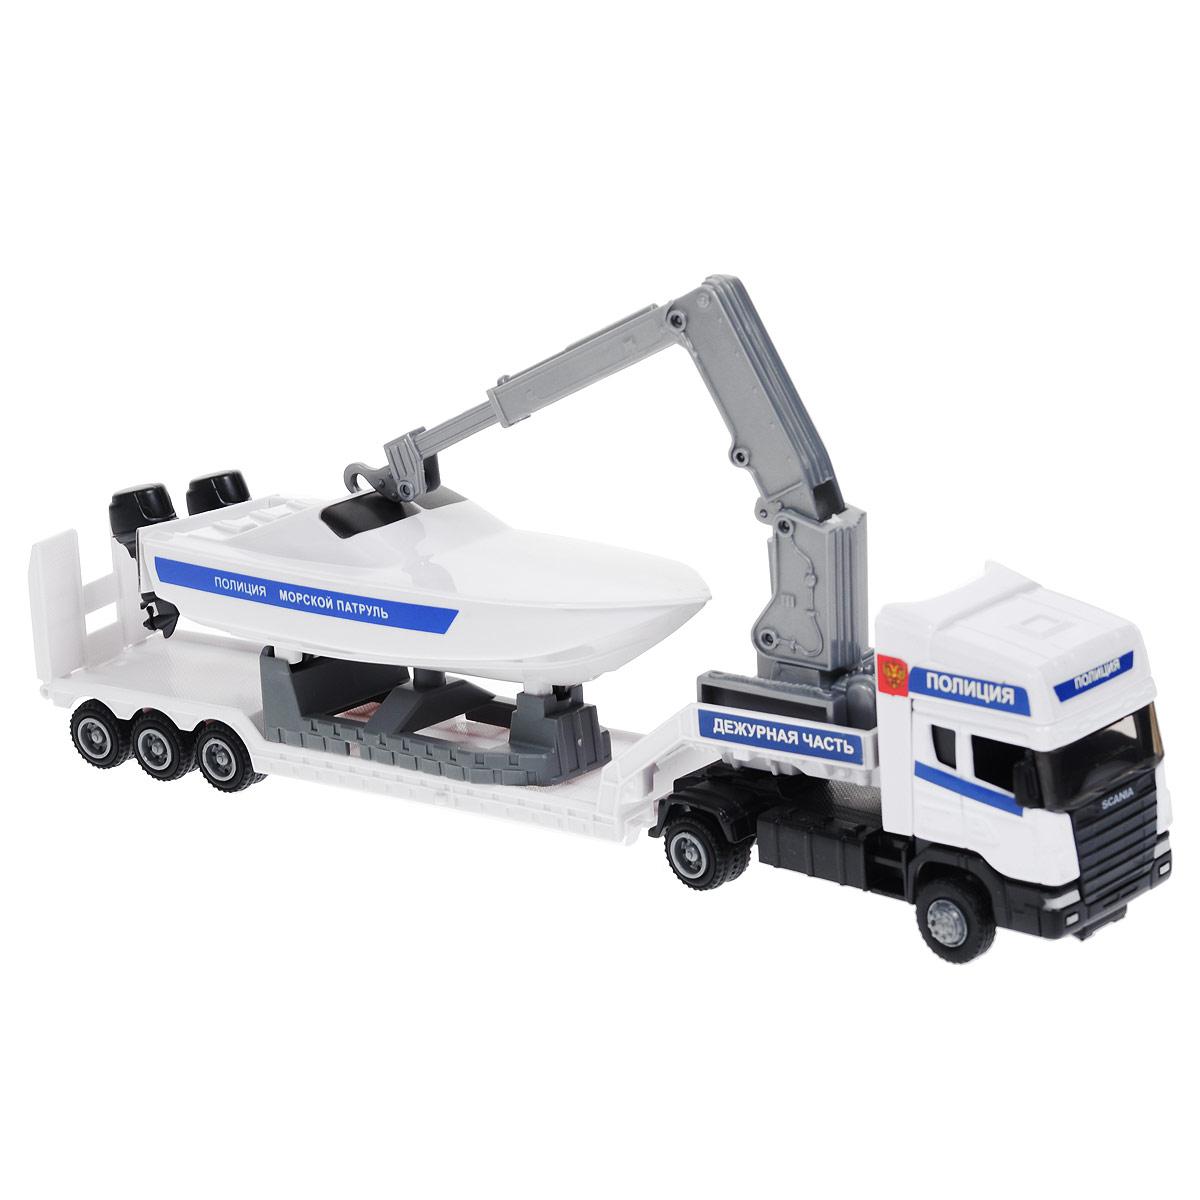 Autotime Игрушка Машинка Scania: Полиция, c катером. Масштаб 1/48 модель машины chun base 1 43 scania